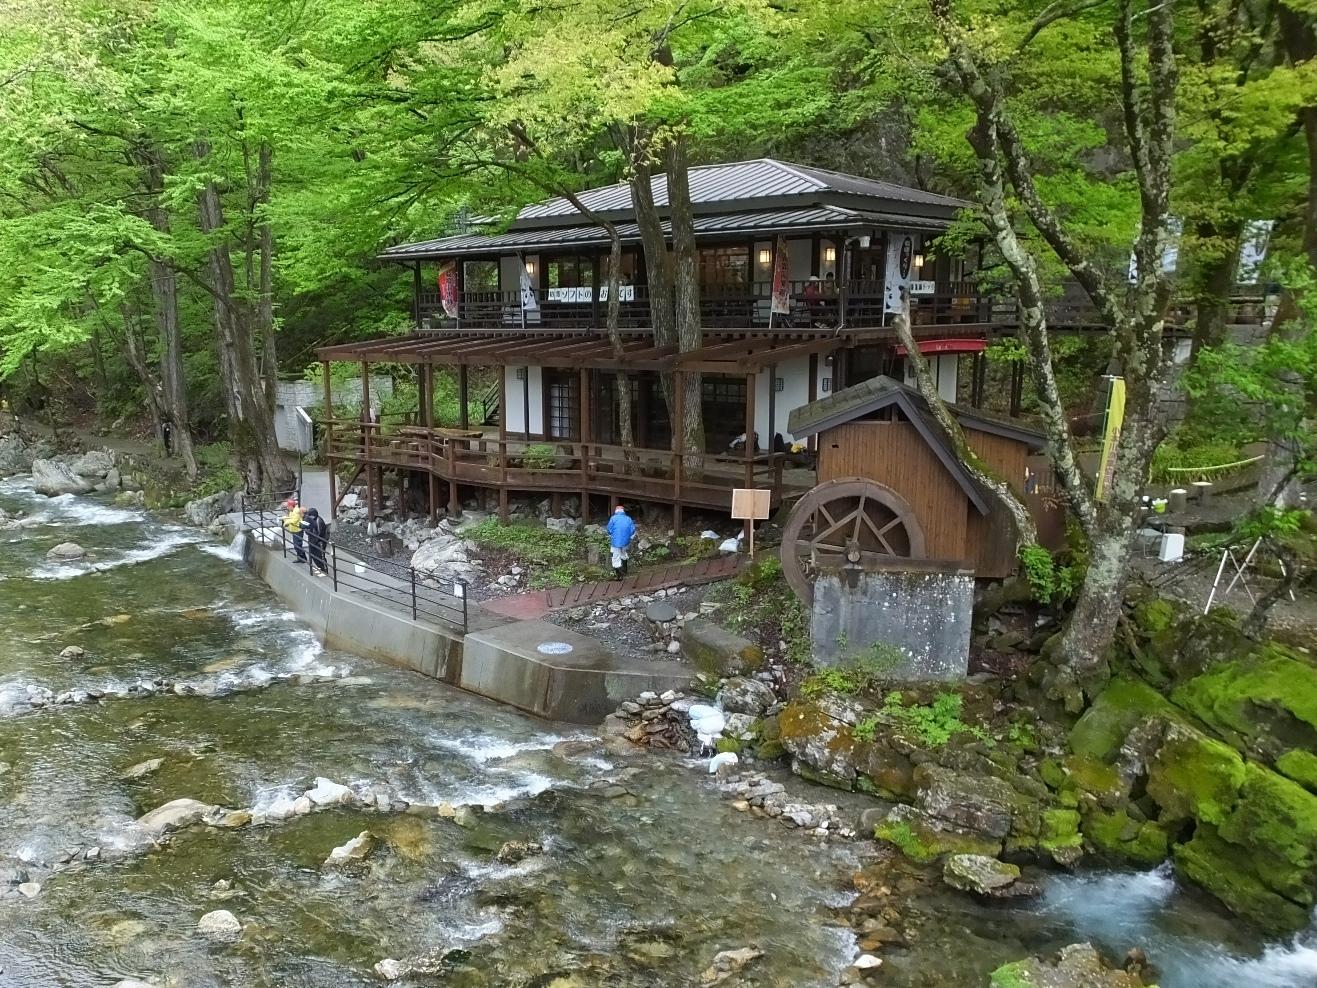 岩泉町龍泉洞から・雨の日の営業について   いわいずみブログ